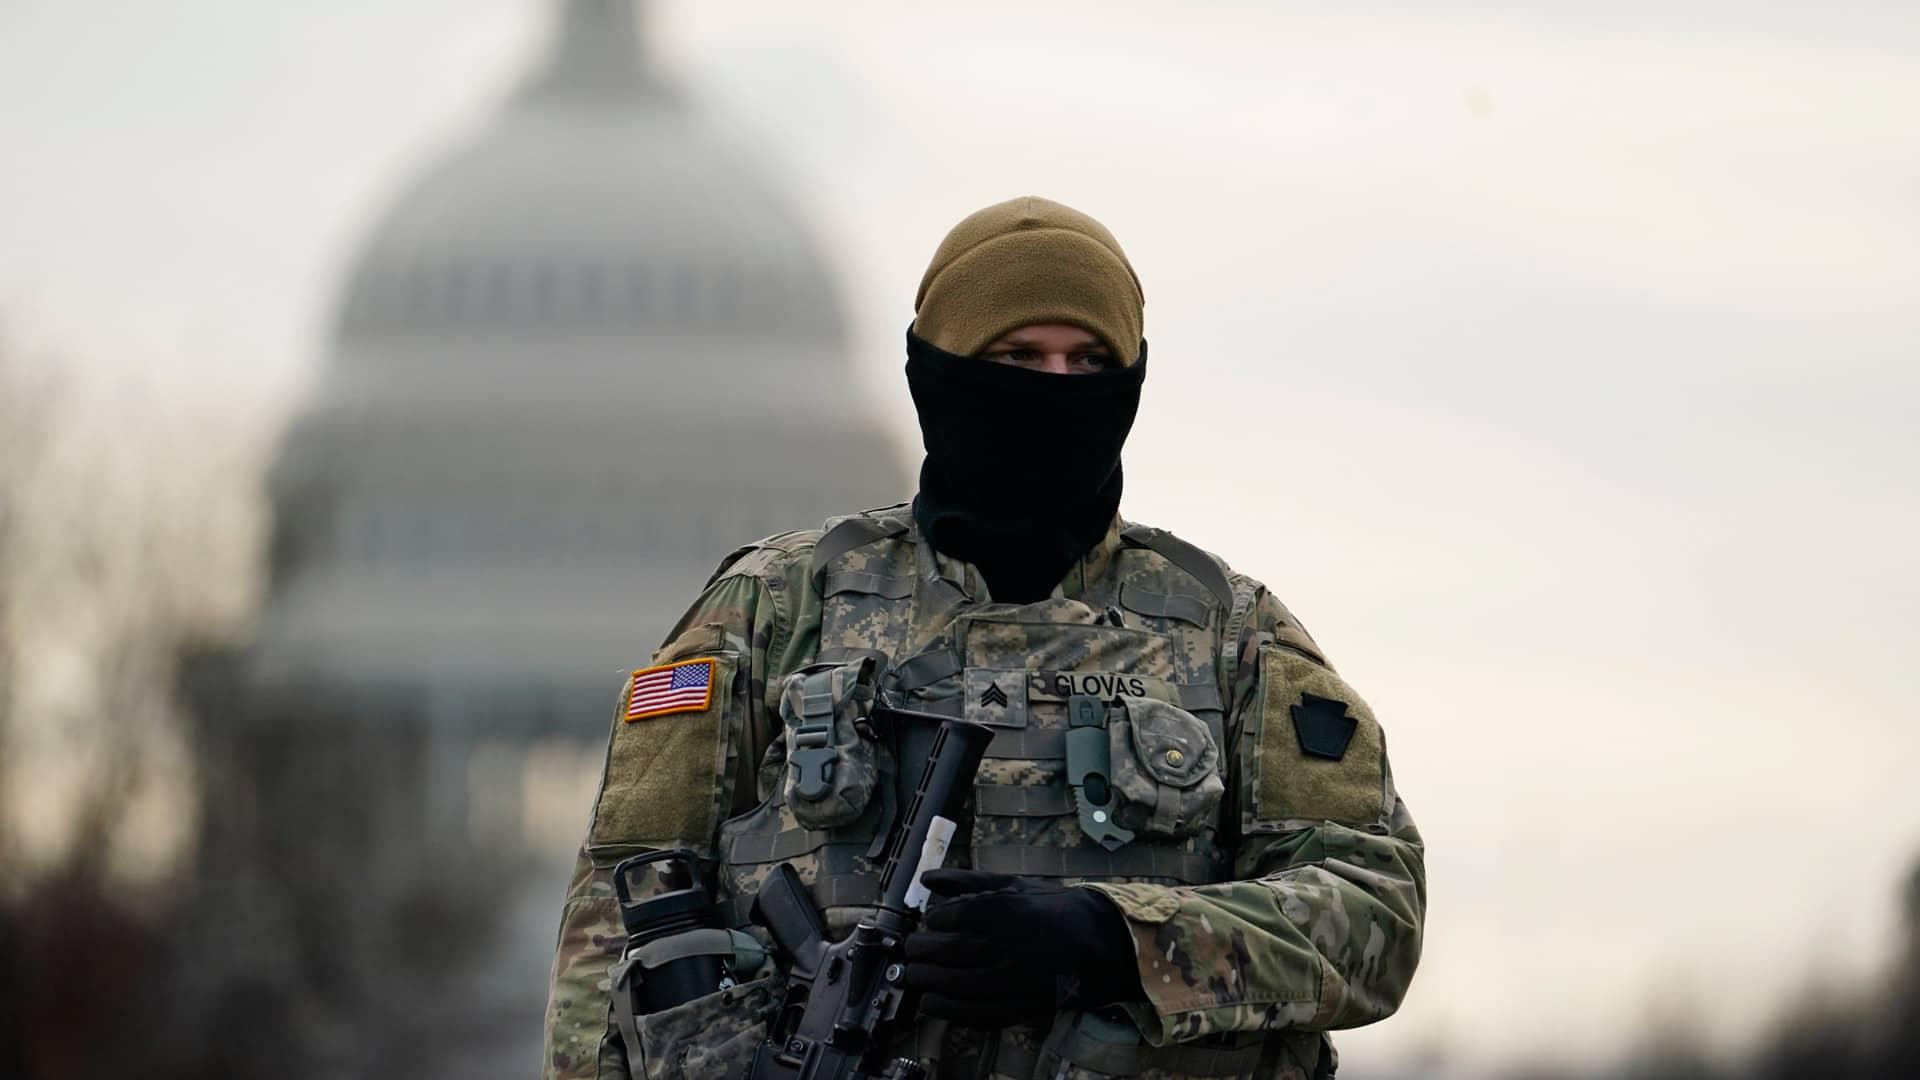 امنیت قبل از افتتاح در واشنگتن به چه صورت است